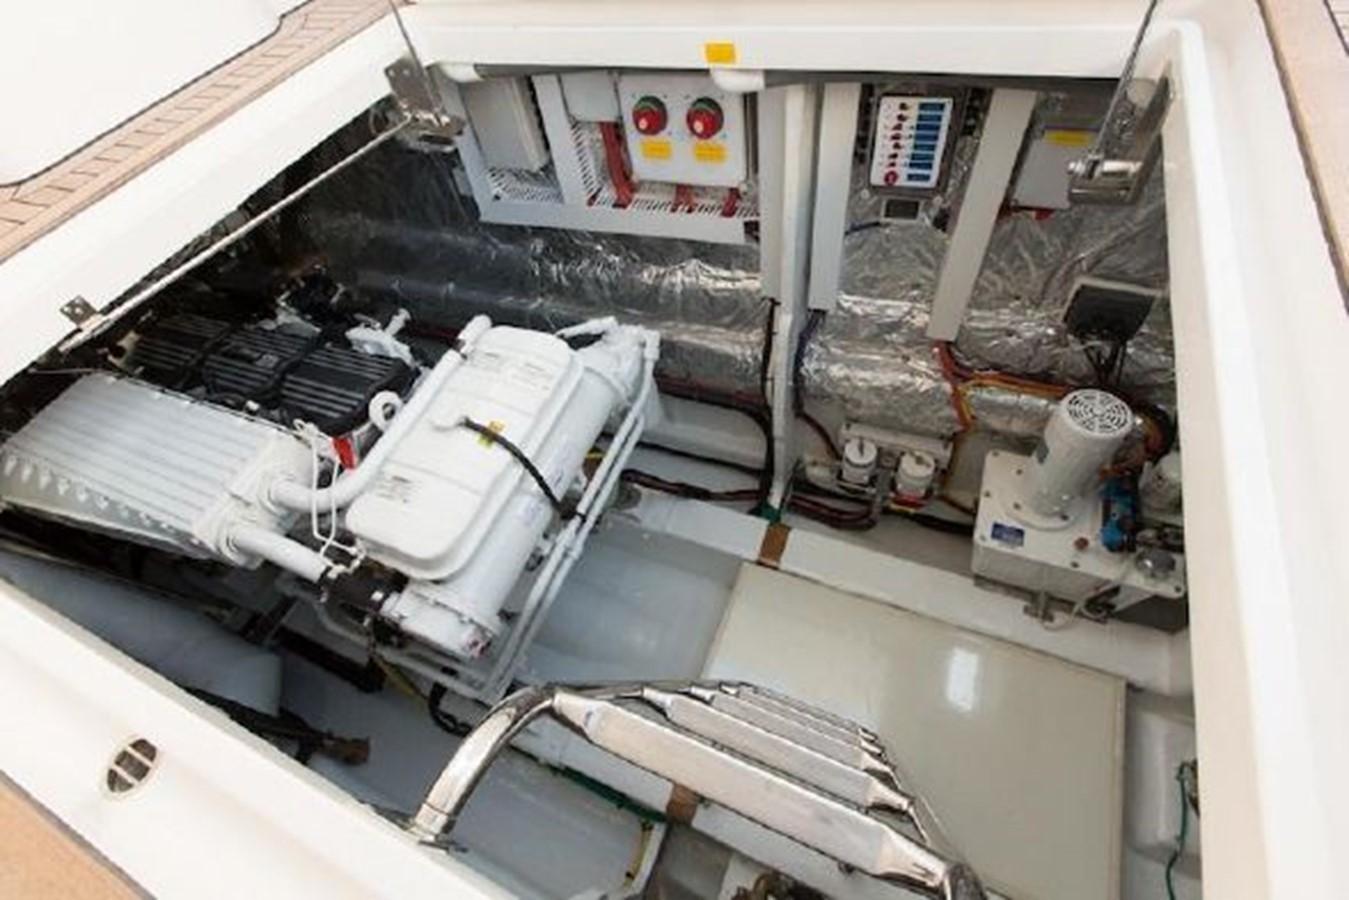 ENGINEROOM 2013 HORIZON HORIZON PC60 Catamaran 2579527